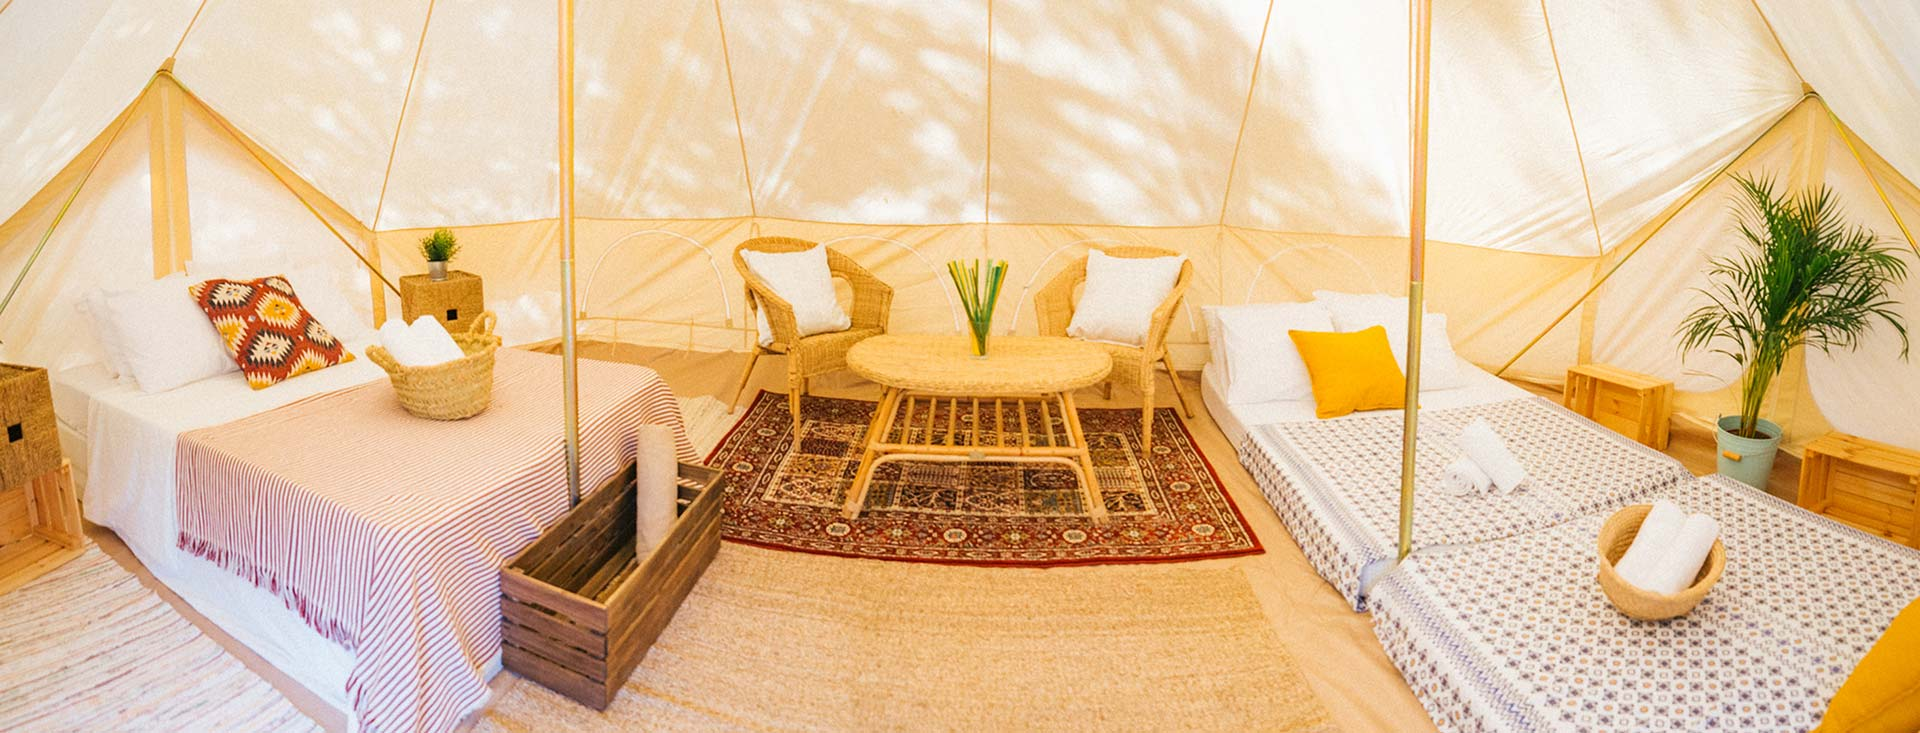 Camping sin líos